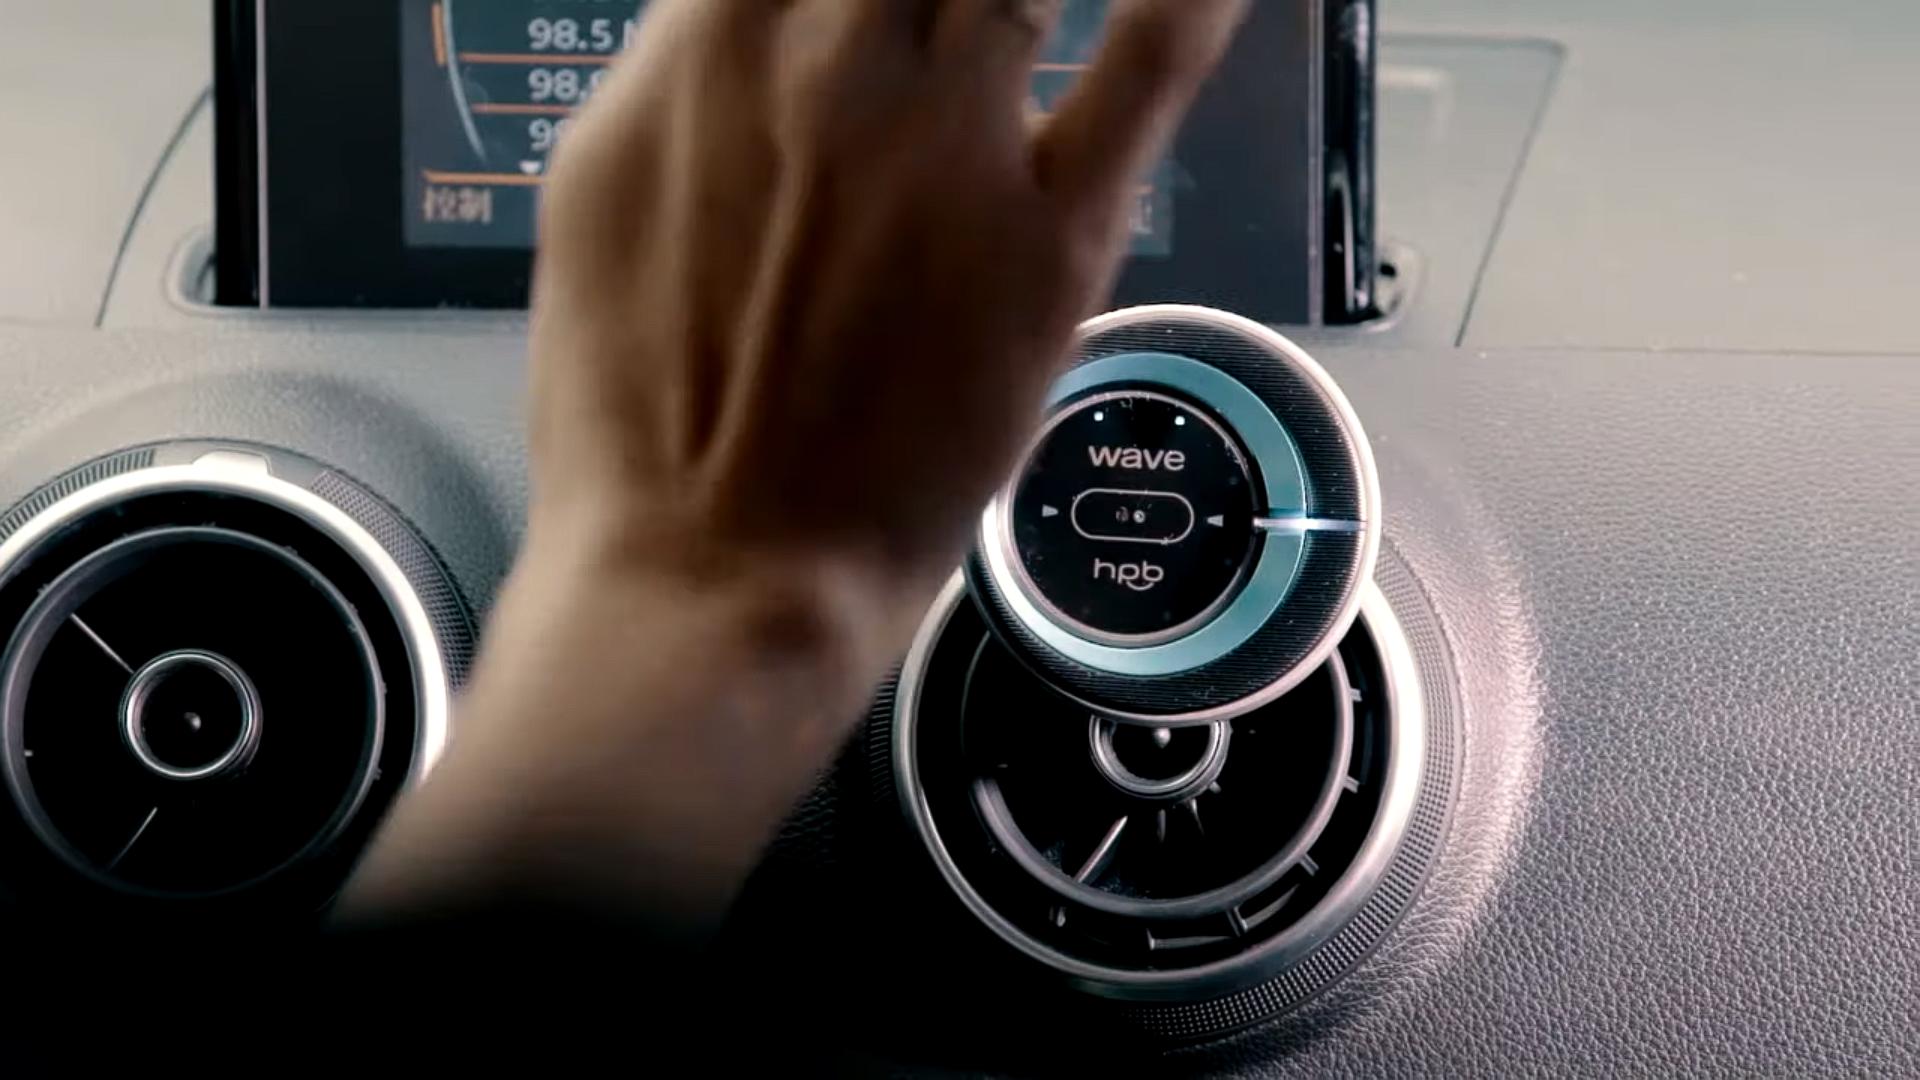 手を触れずにスマホを操作できるハンドジェスチャーコントローラー